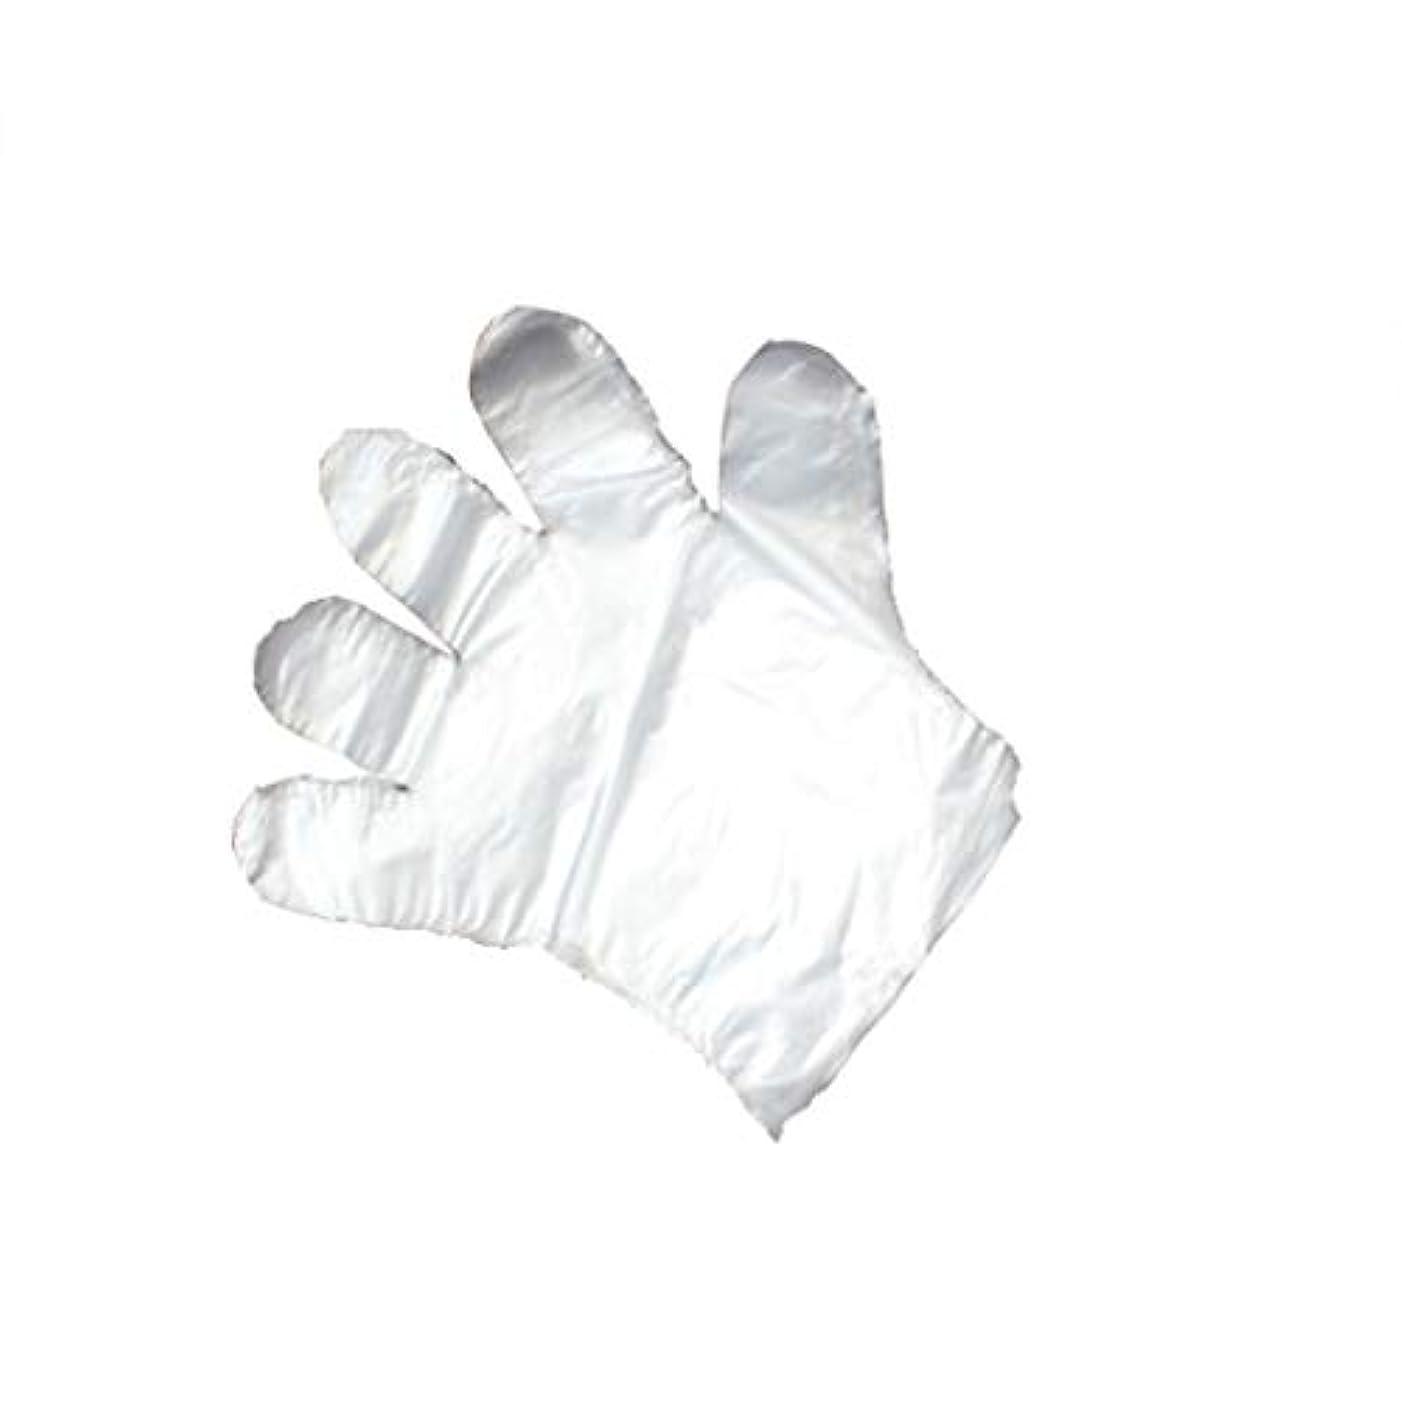 難民岩焦がす手袋、使い捨て手袋、透明な肥厚、美しさ、家庭掃除、手袋、白、透明、5パック、500袋。 (UnitCount : 1000)